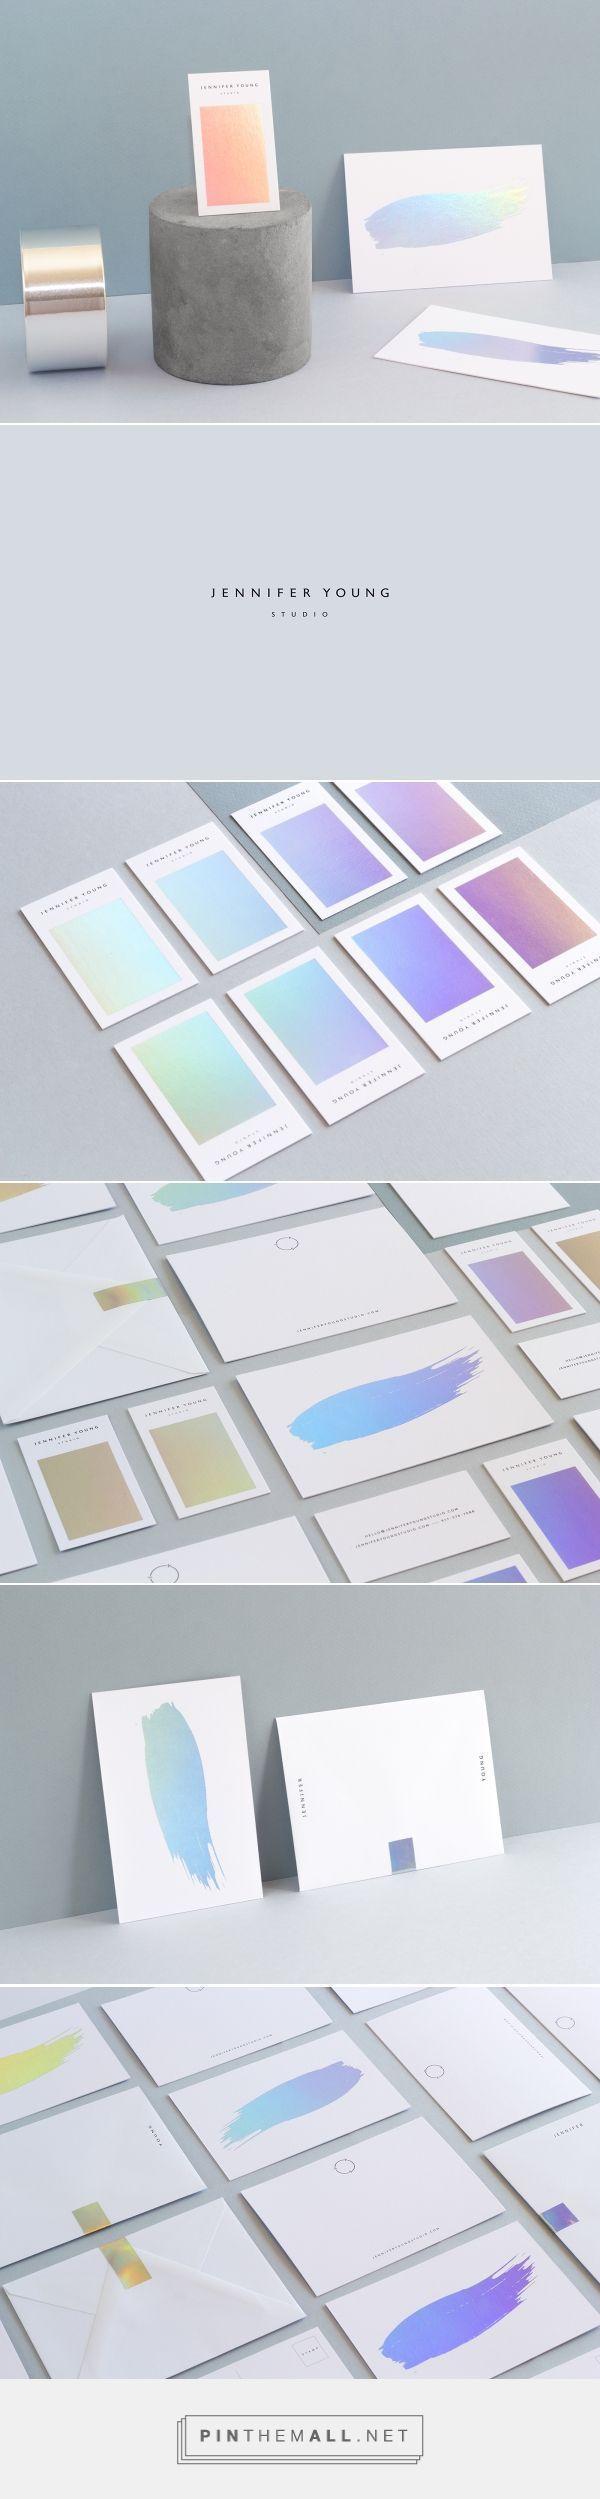 Kleurenpalet van een aantal contrasten die vaak worden gebruikt bij science fiction.